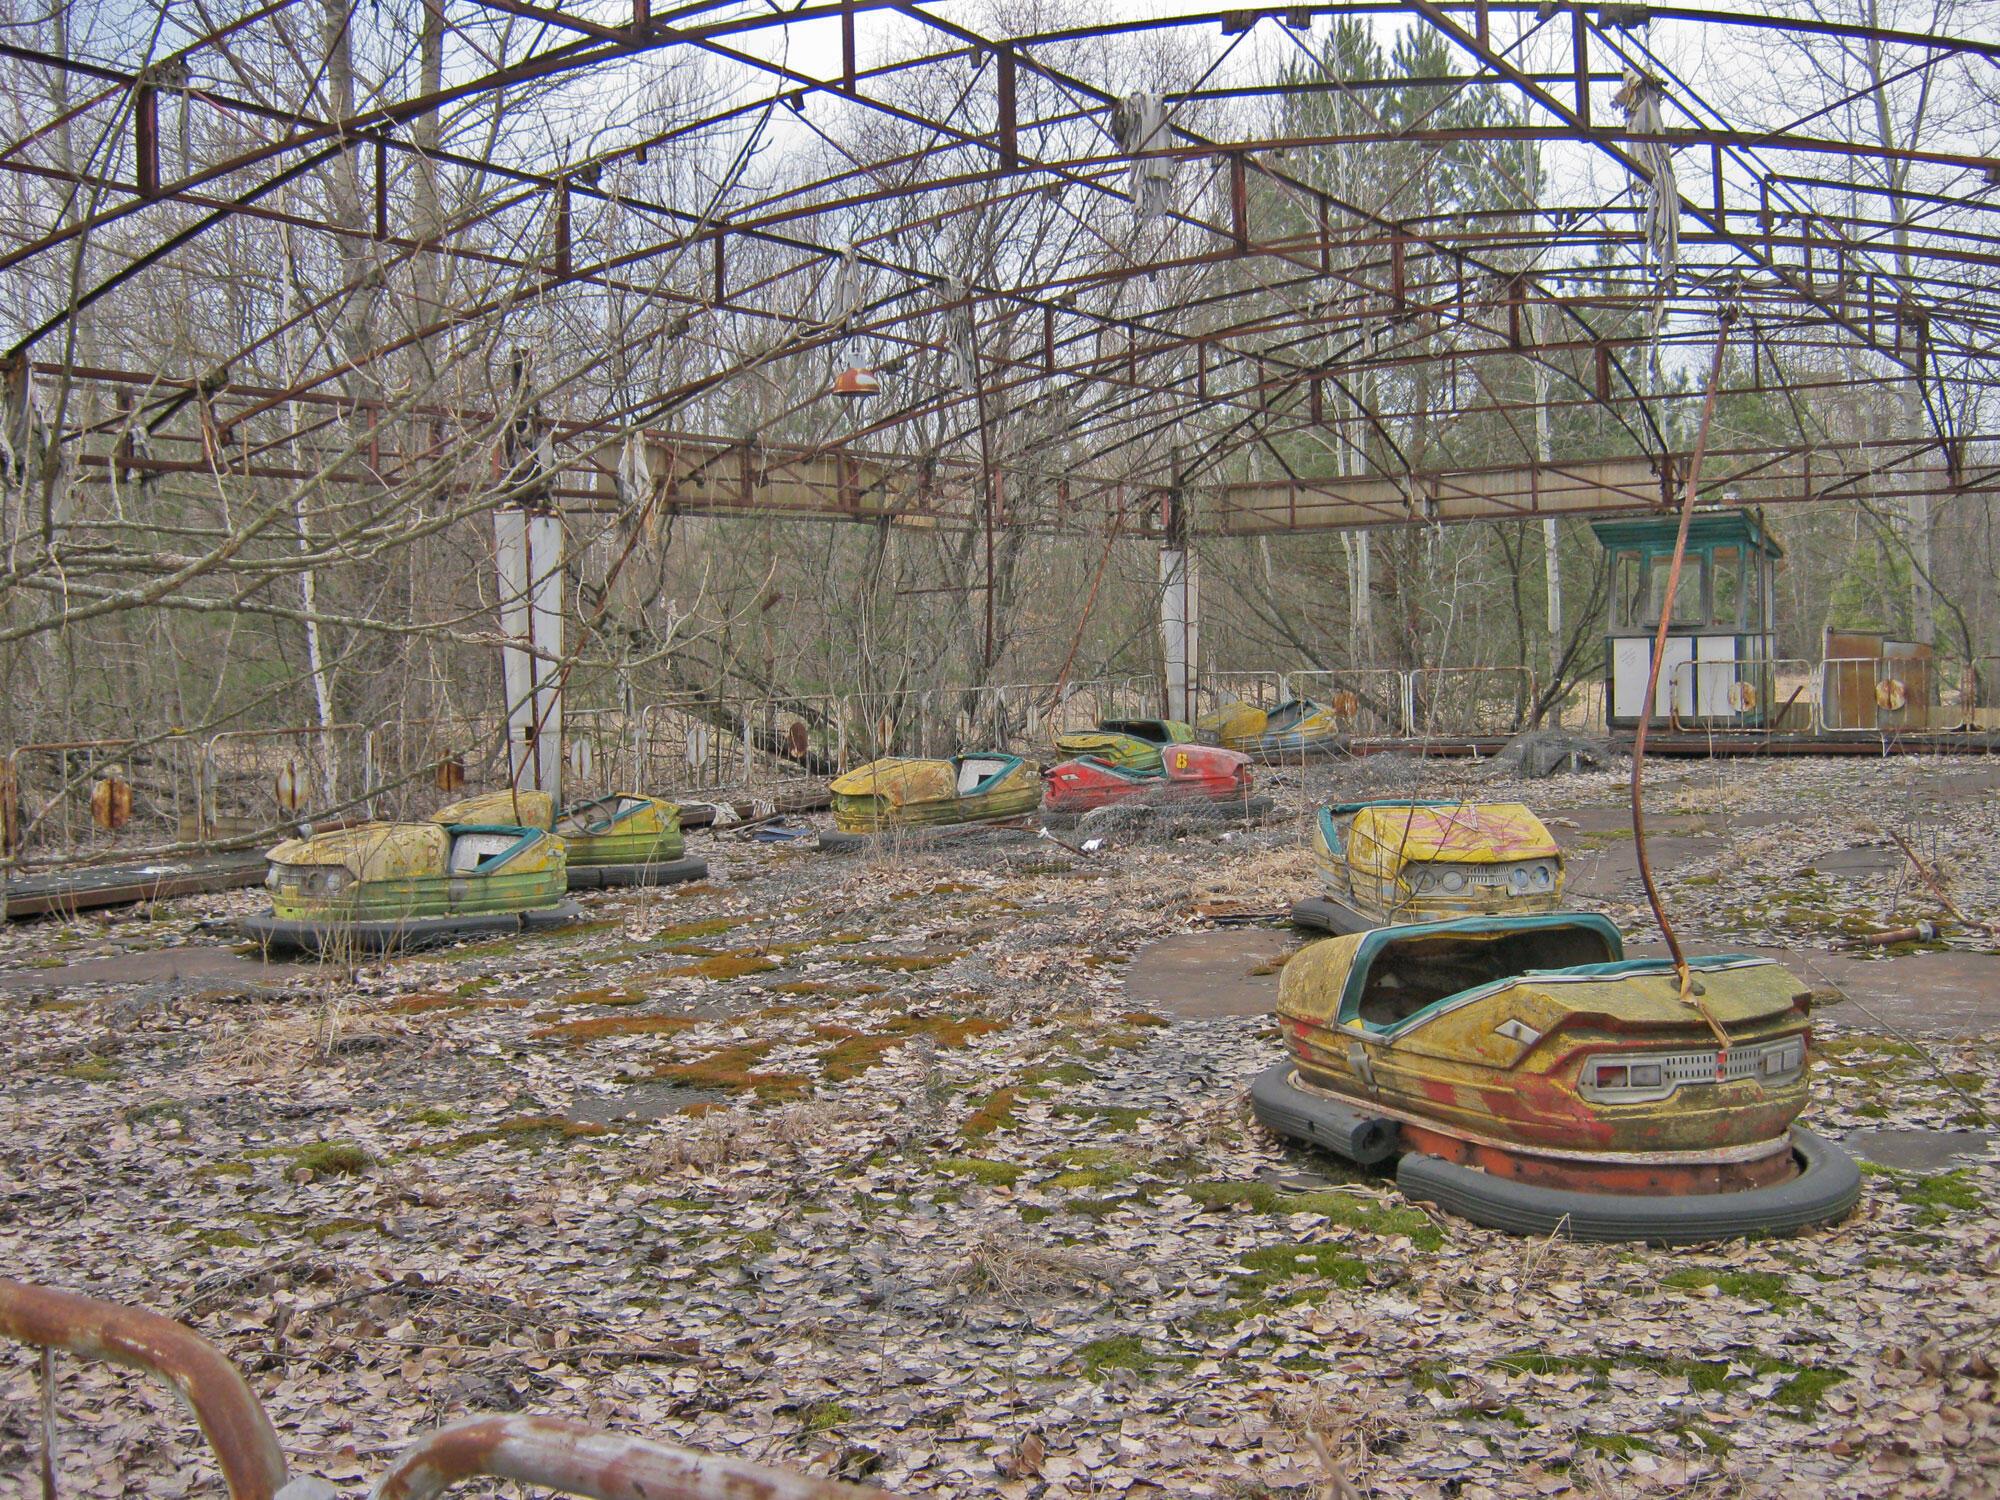 Sân chơi cách nhà máy Tchernobyl 3 km hoang tàn trong một thành phố ma.